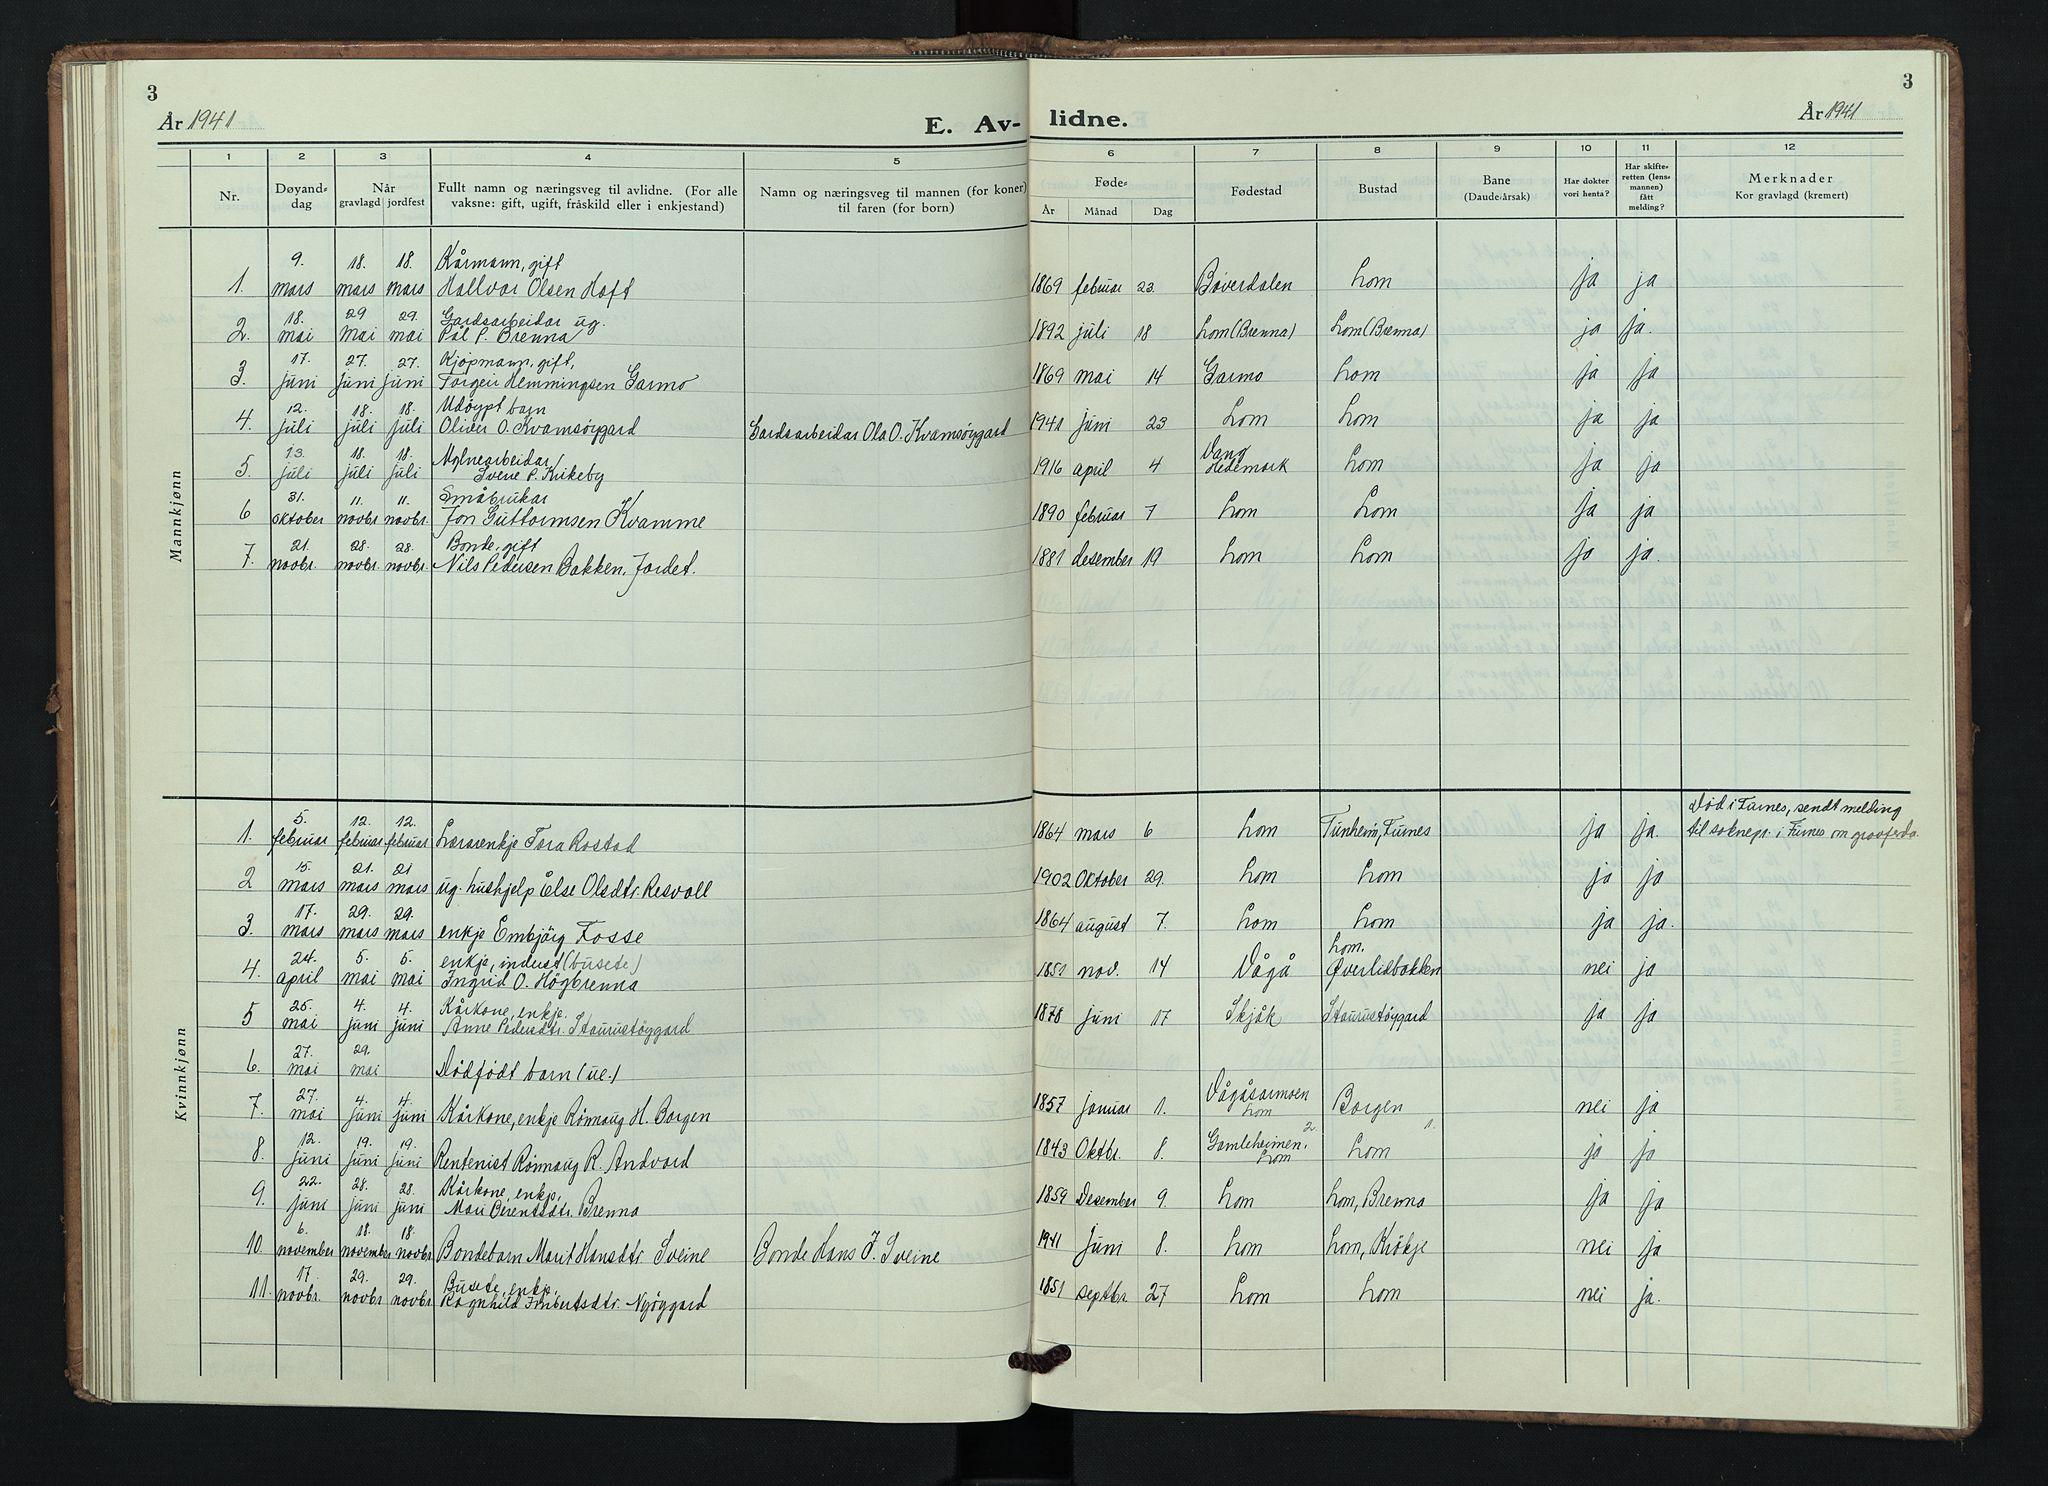 SAH, Lom prestekontor, L/L0009: Klokkerbok nr. 9, 1939-1947, s. 3